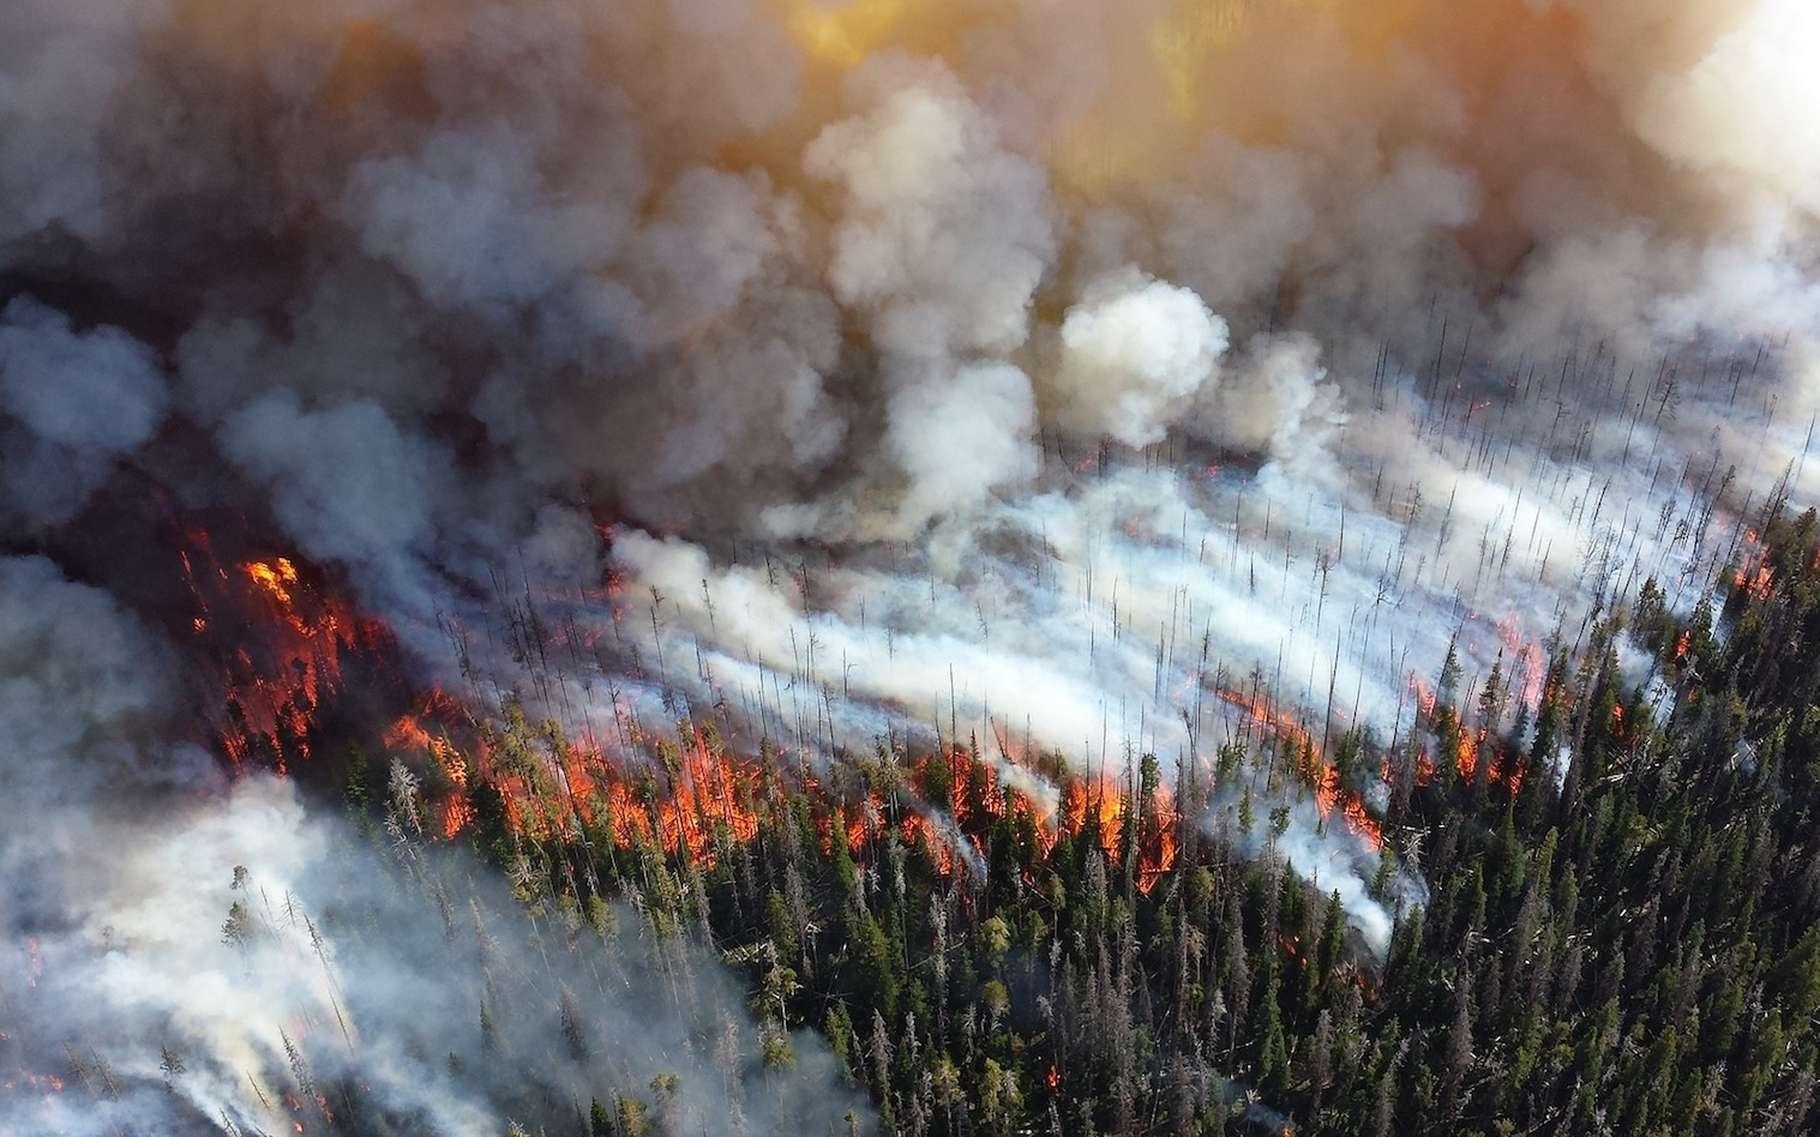 Les feux de forêt émettent une grande quantité de monoxyde de carbone, un gaz qui peut causer à l'Homme des intoxications mortelles. Quels sont les symptômes et traitements de l'intoxication au monoxyde de carbone ? © skeeze, Pixabay, DP